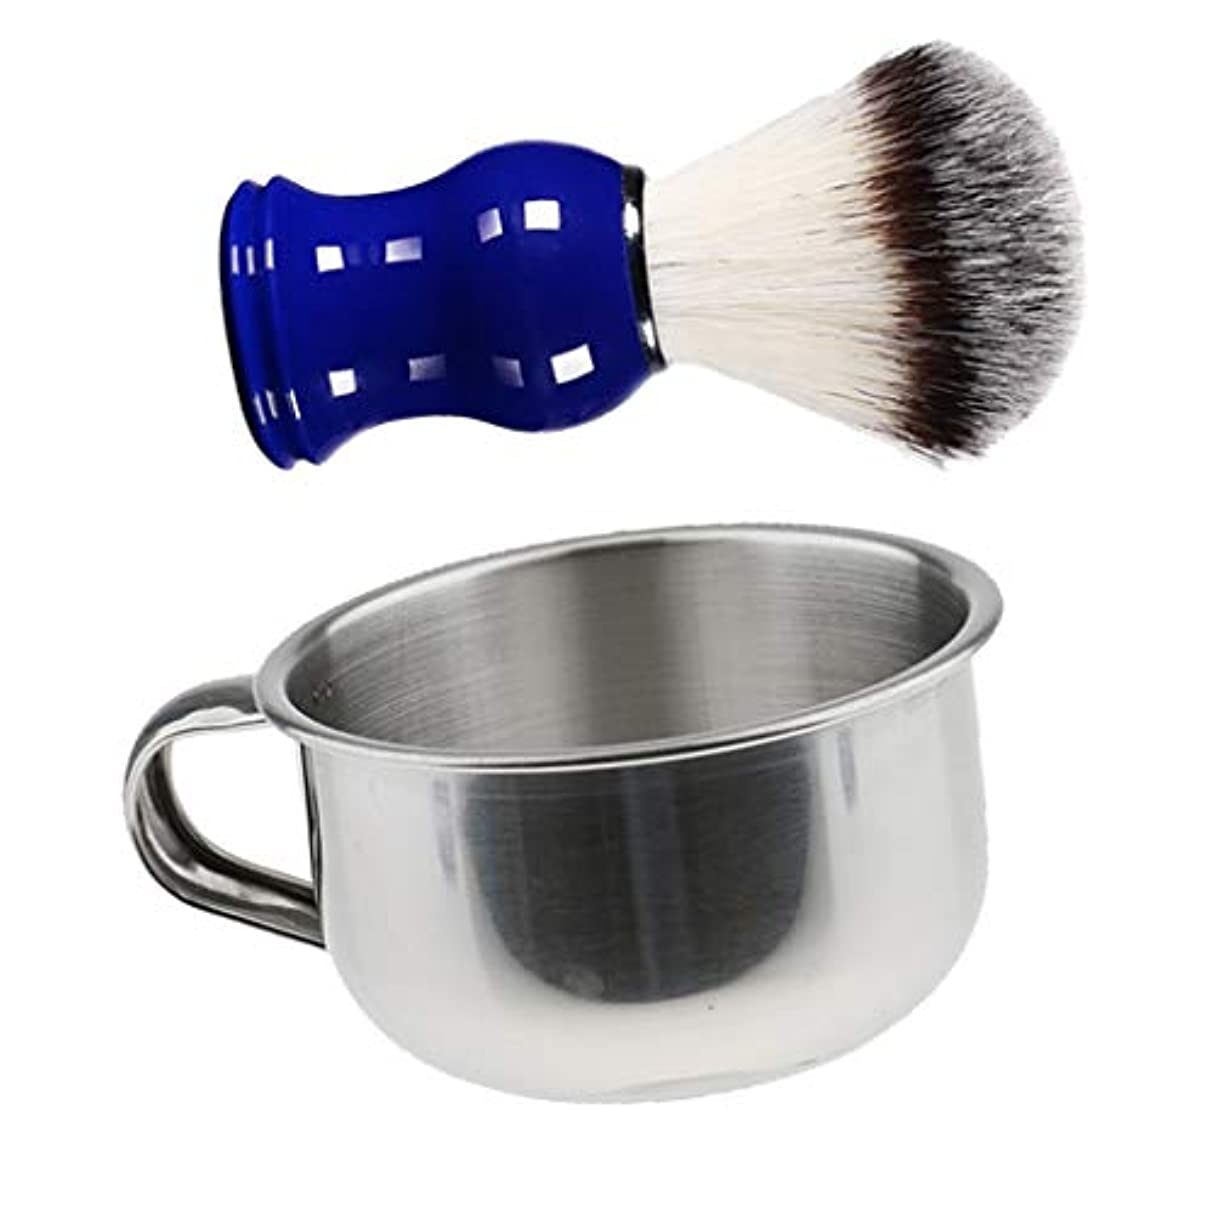 中性誇張するウイルスメンズ シェービング マグ ボウル カップ ステンレス製 シェービング用ブラシ 理容 洗顔 髭剃り